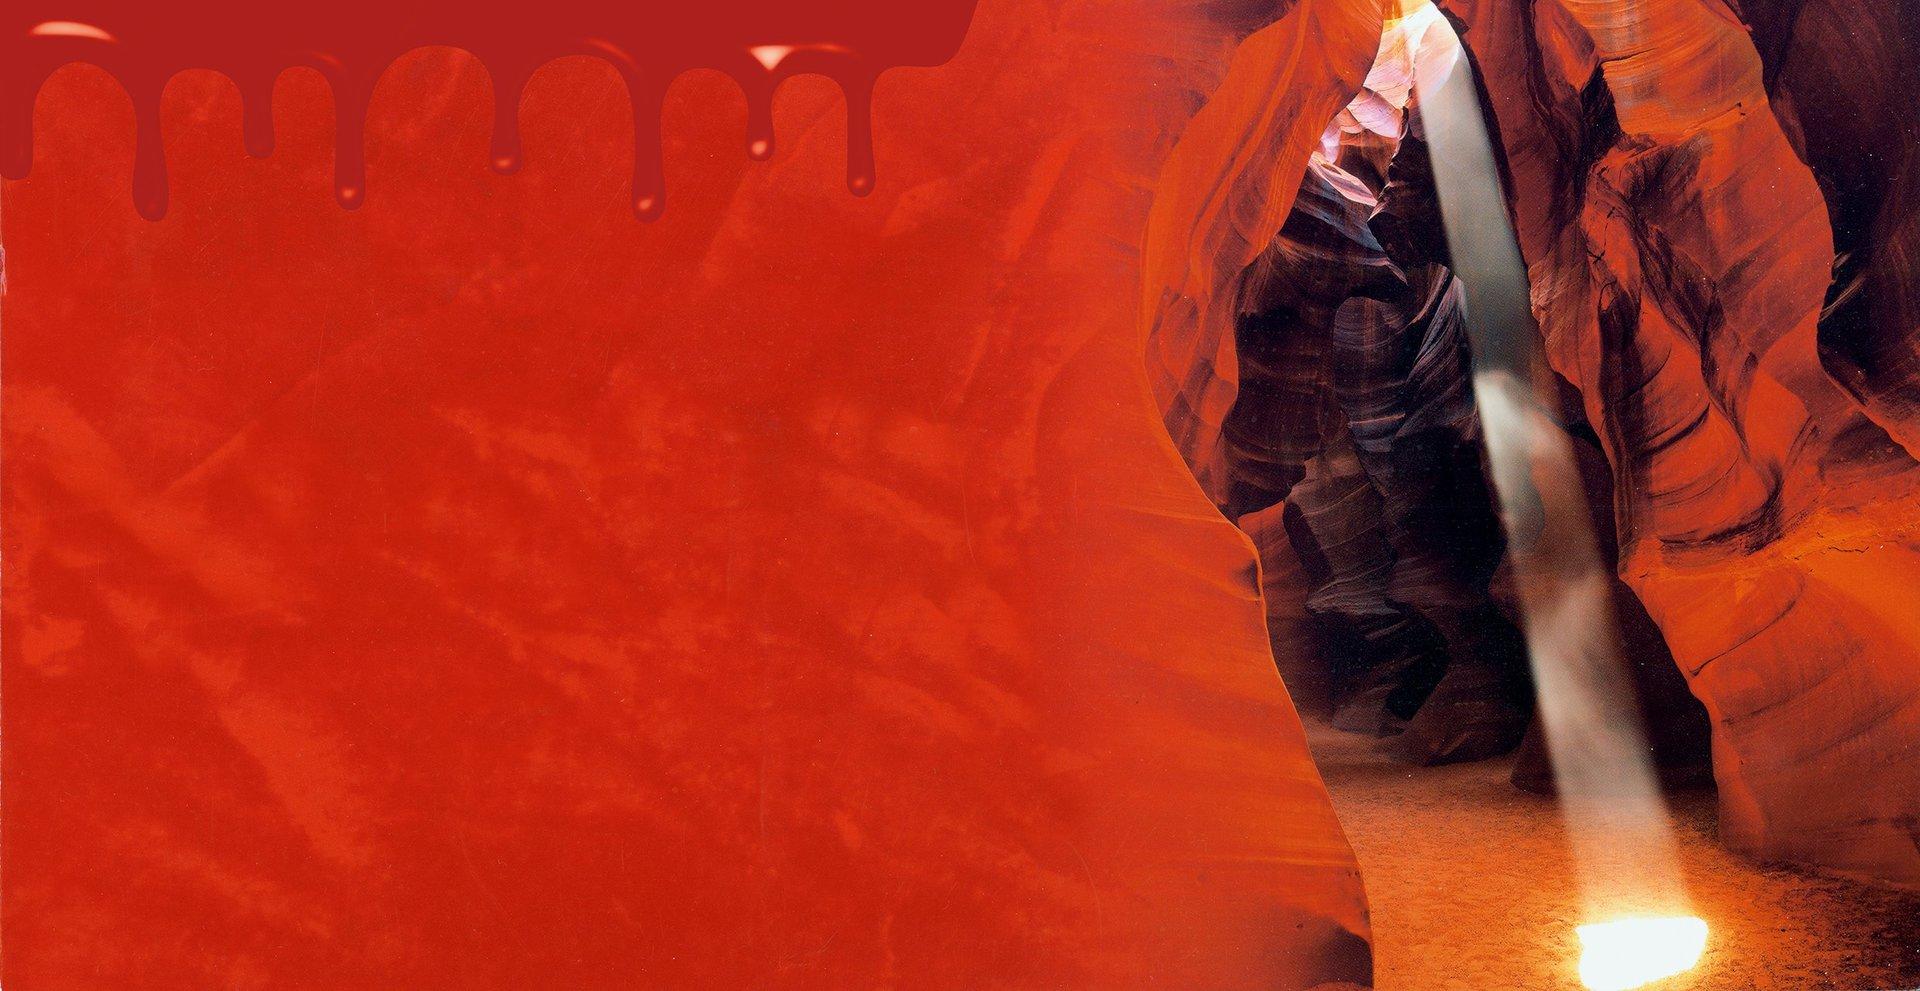 immagine stratta arancione